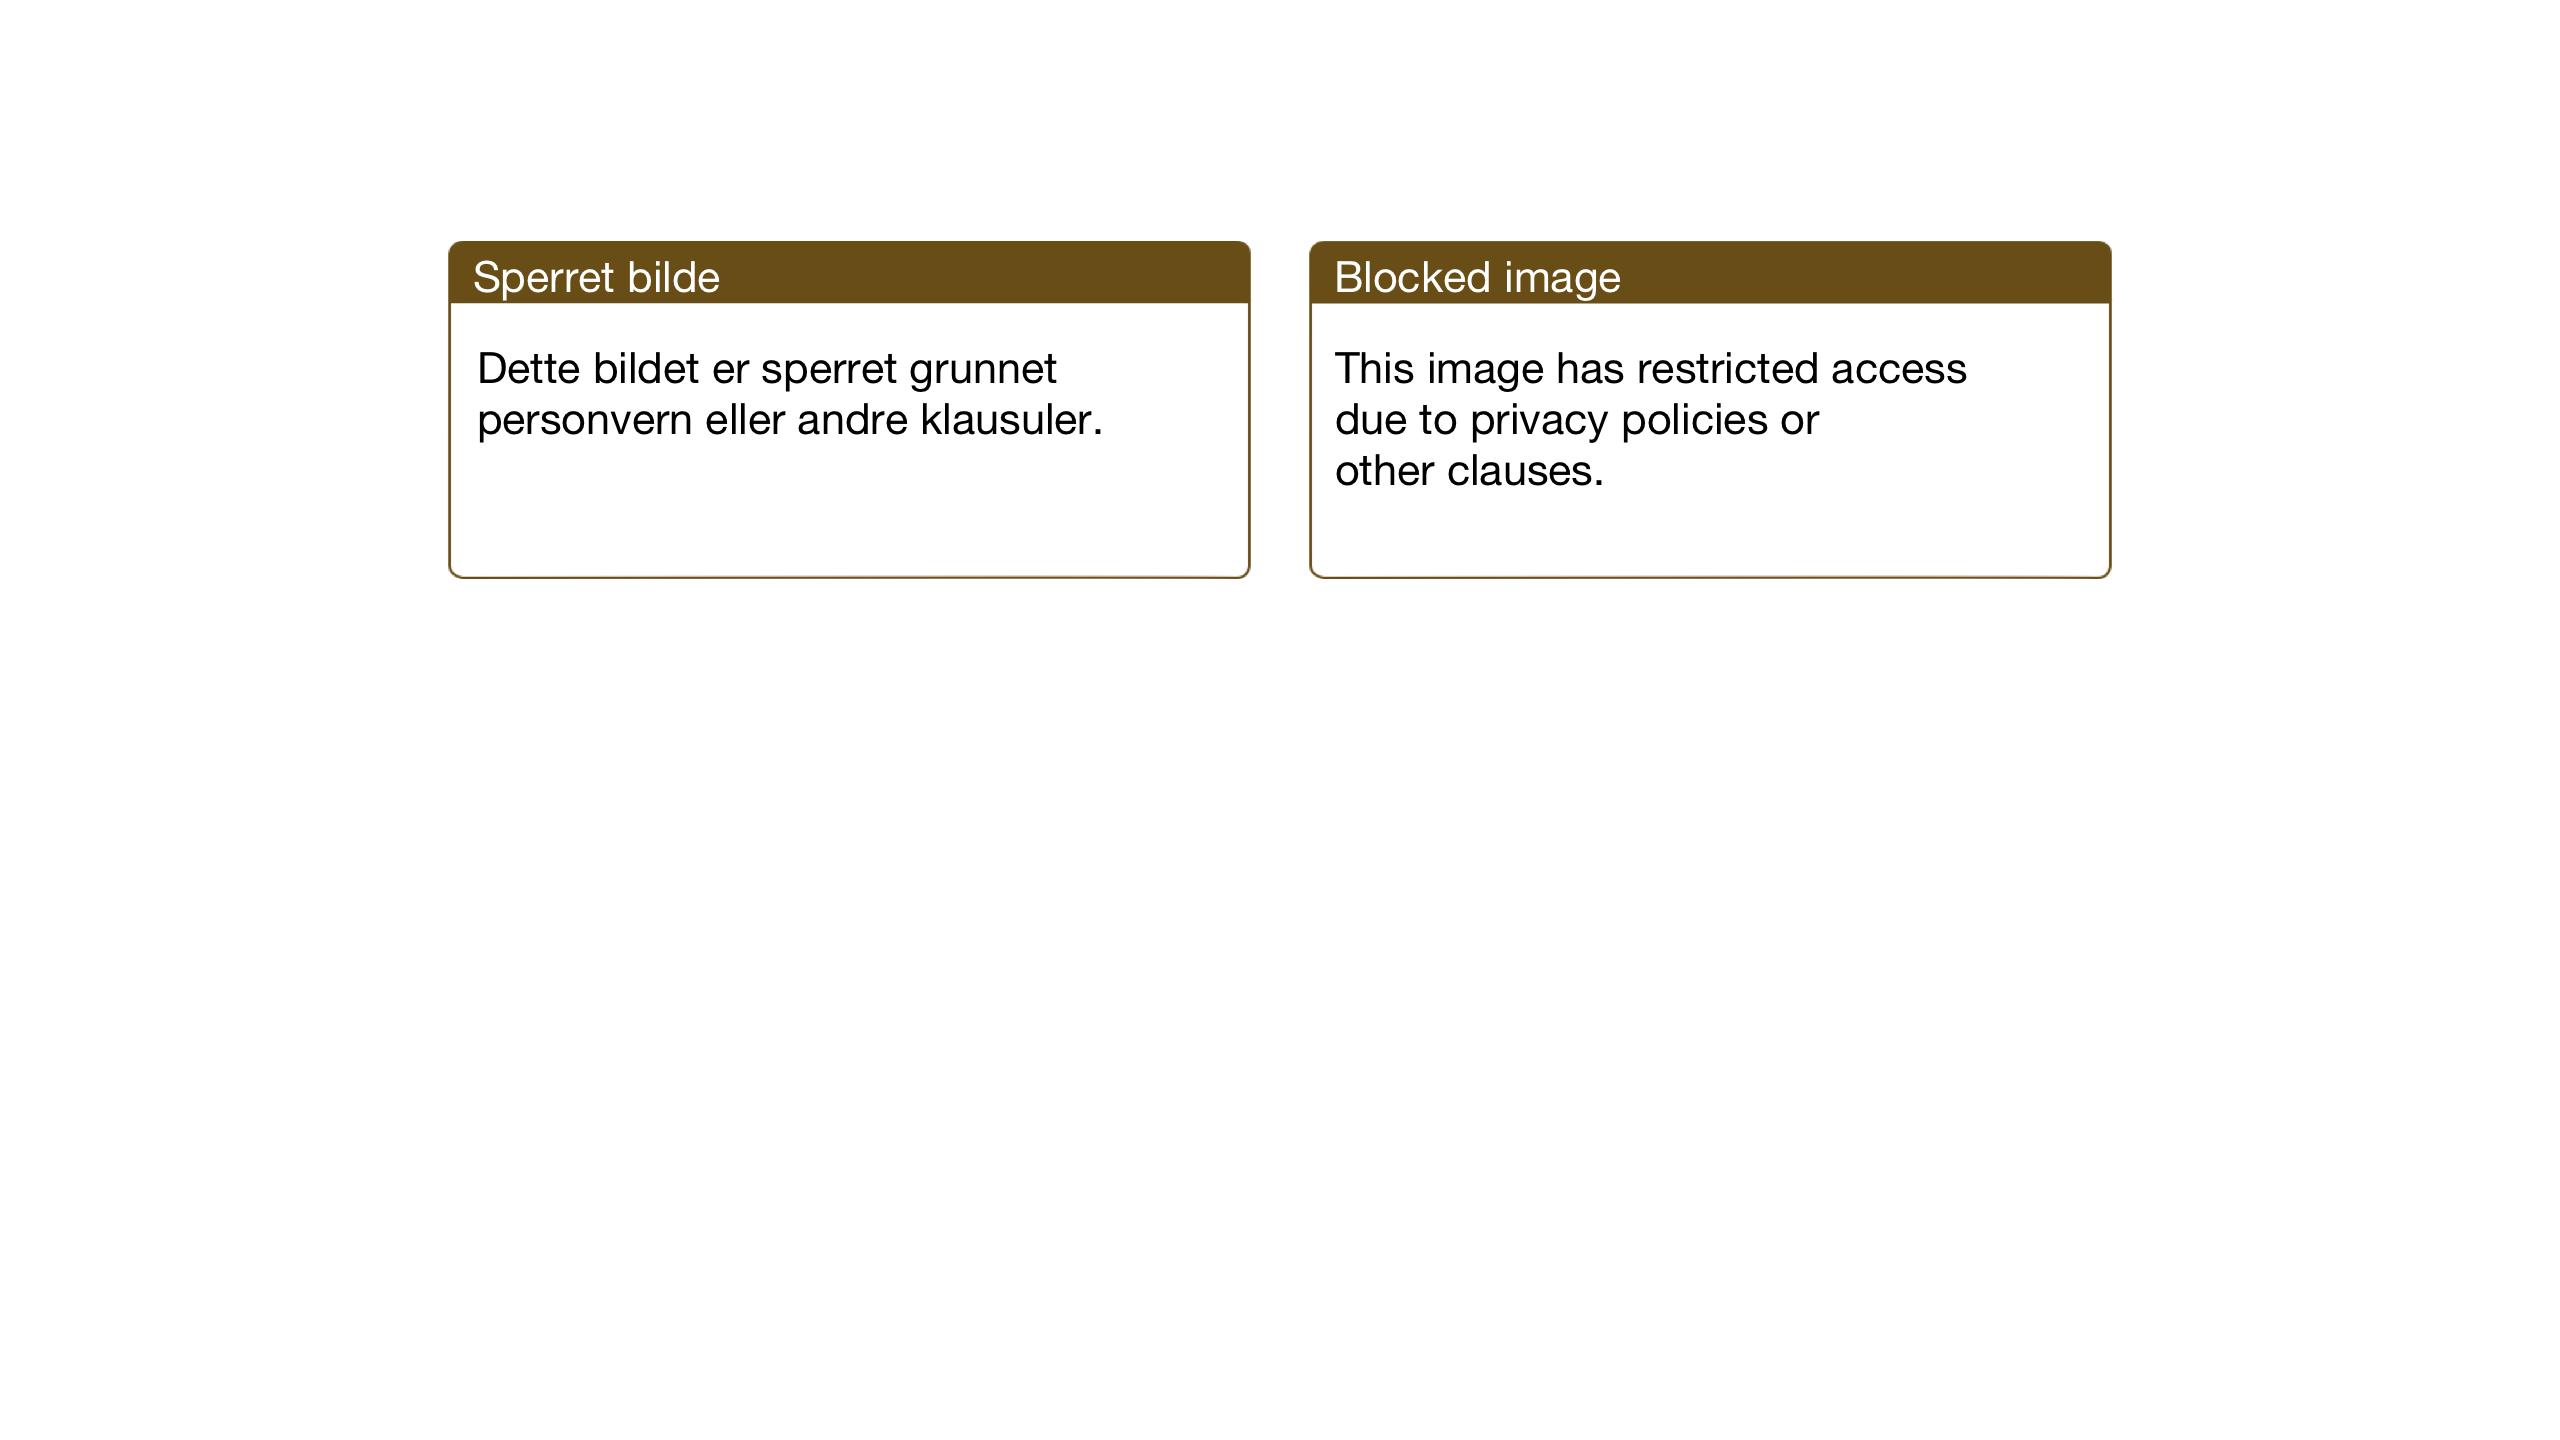 SAT, Ministerialprotokoller, klokkerbøker og fødselsregistre - Sør-Trøndelag, 637/L0564: Klokkerbok nr. 637C05, 1928-1968, s. 214